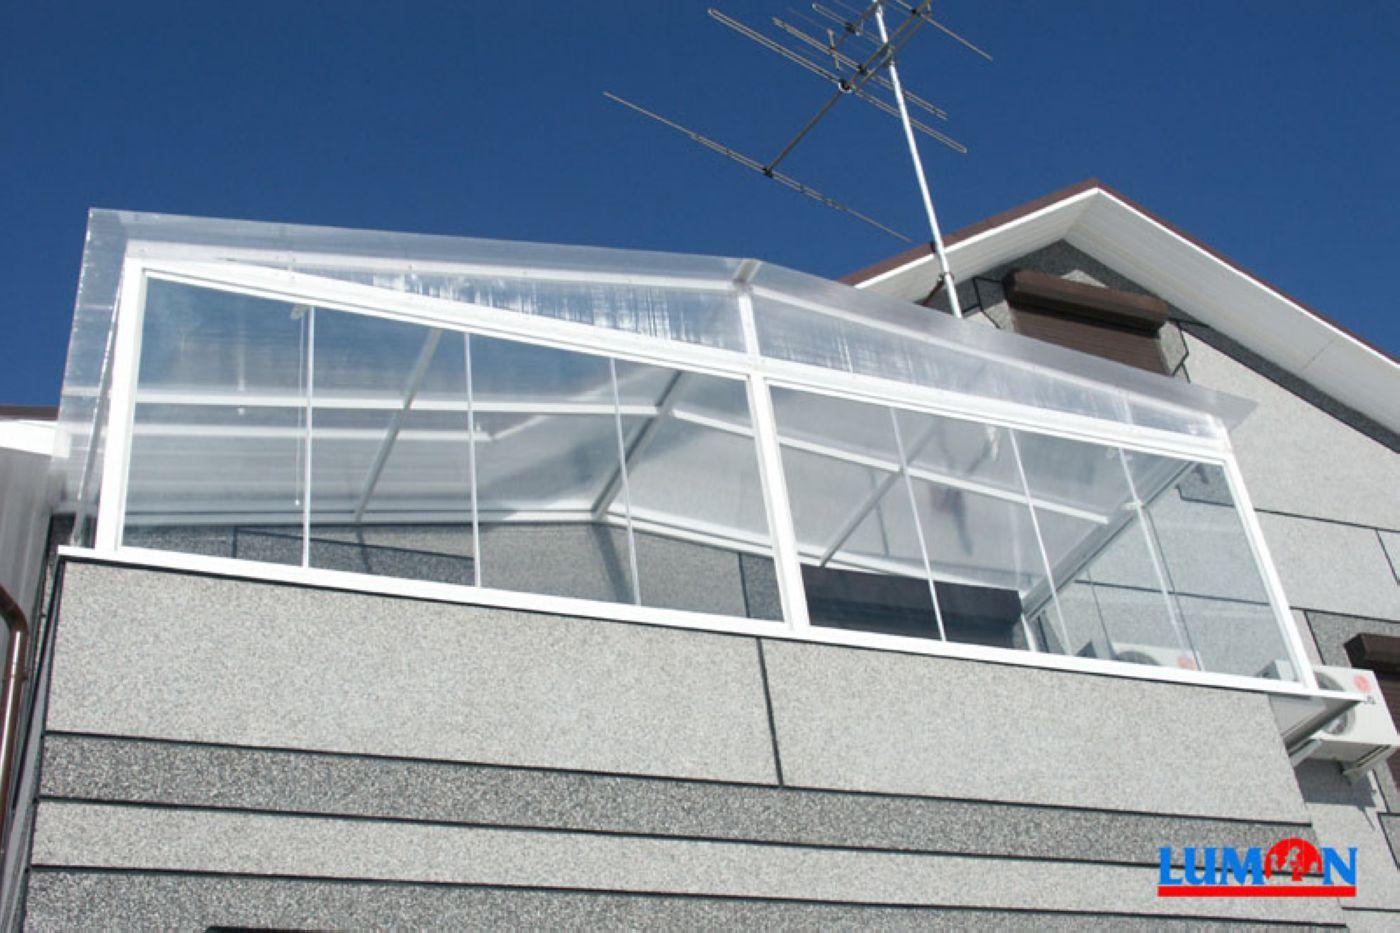 Балконы с крышой дизайн фото. - дизайны балконов - каталог с.